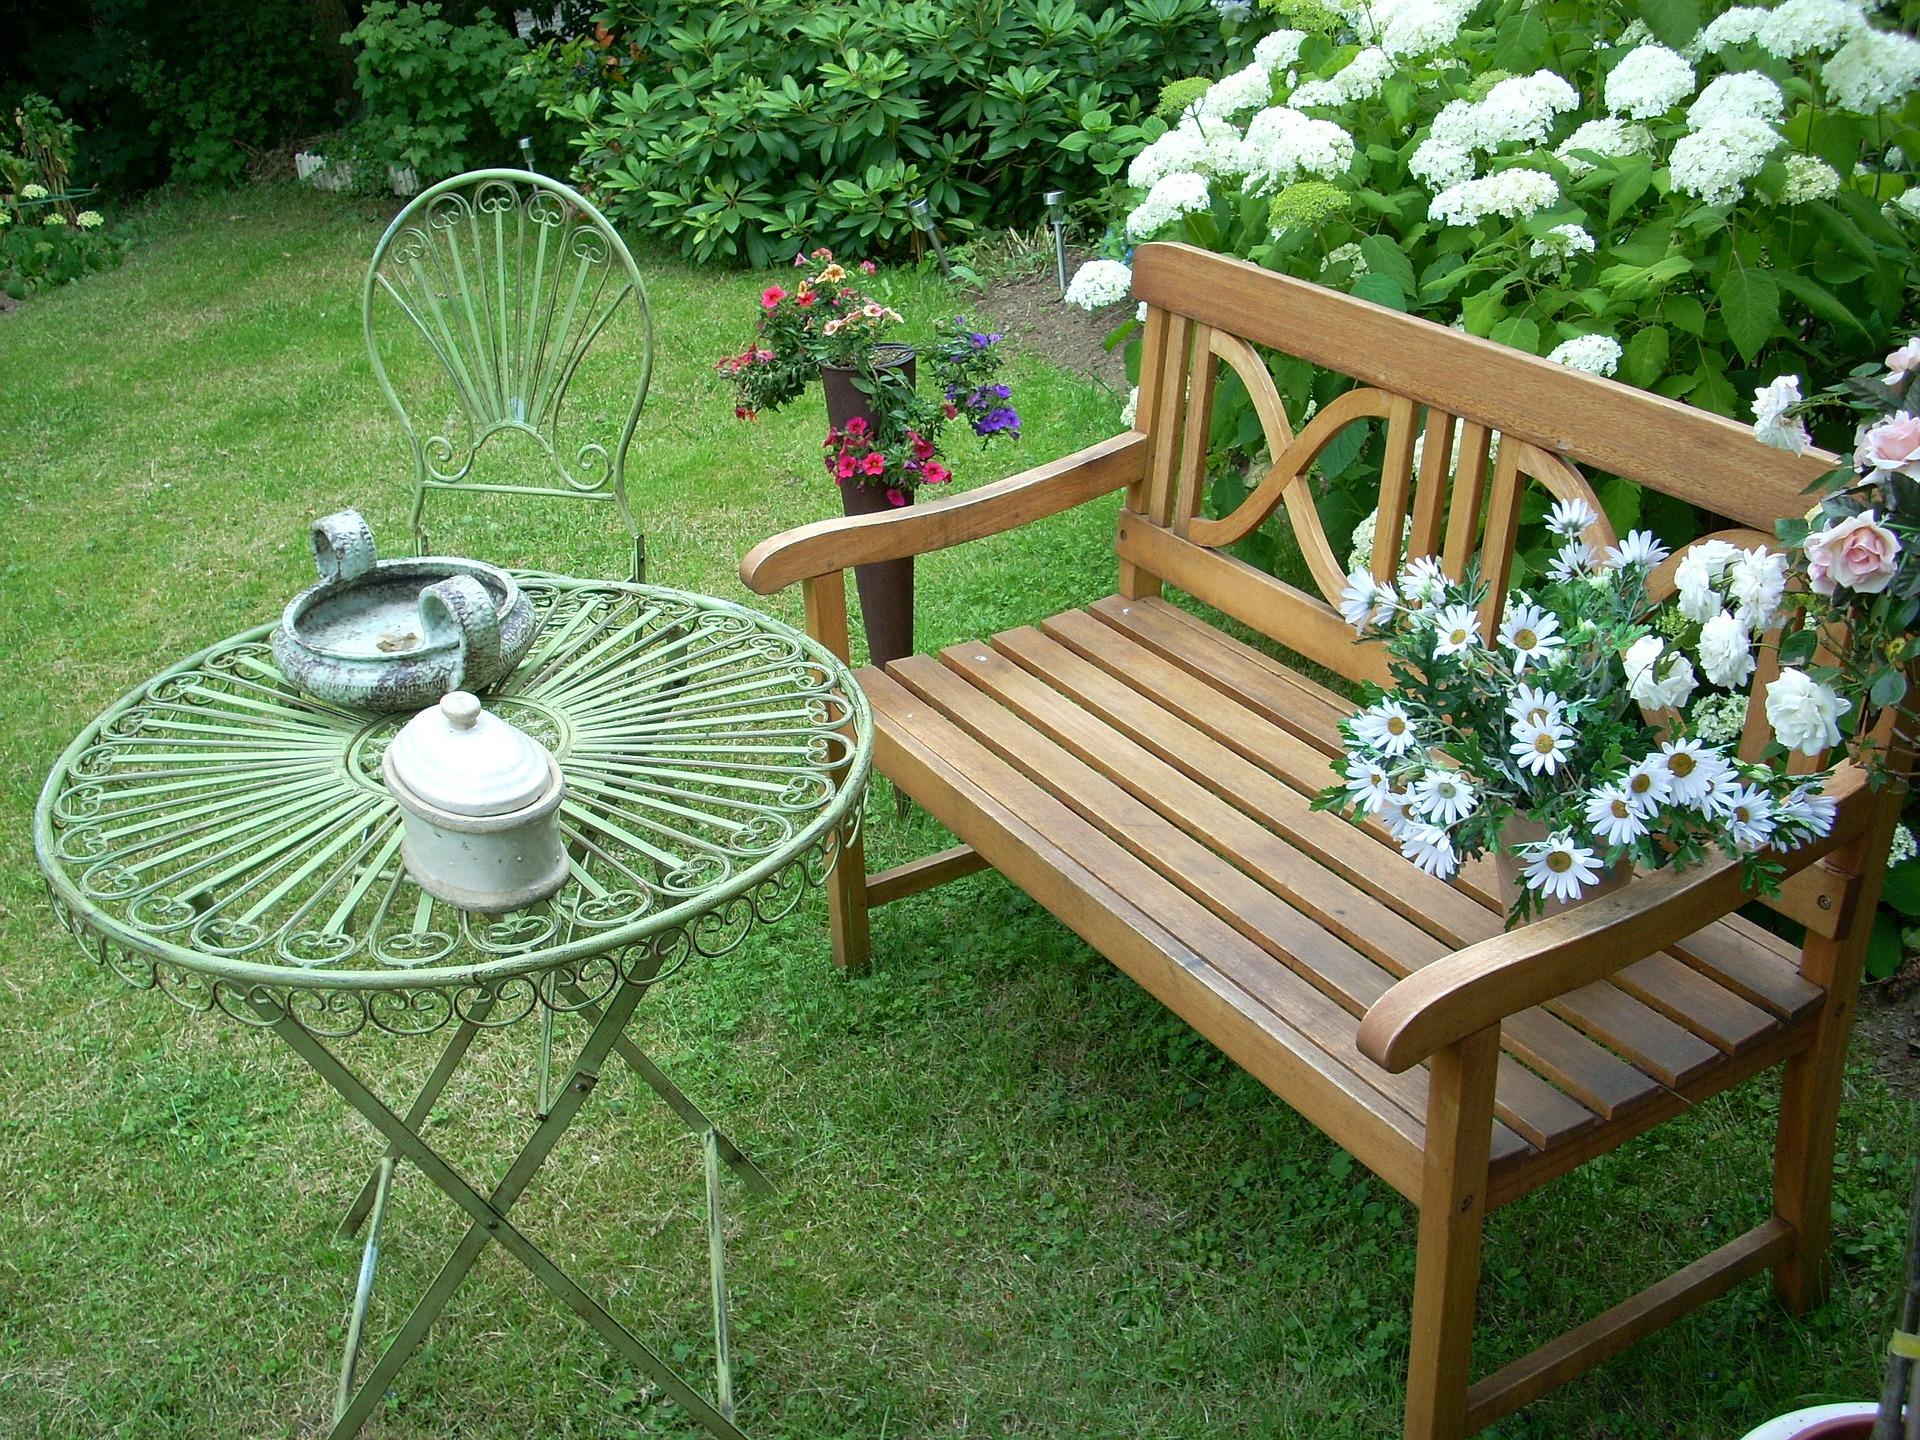 Gartenbank mit Tisch ++ Finde die perfekte Gartenbank! ++ NEU! ++ ...